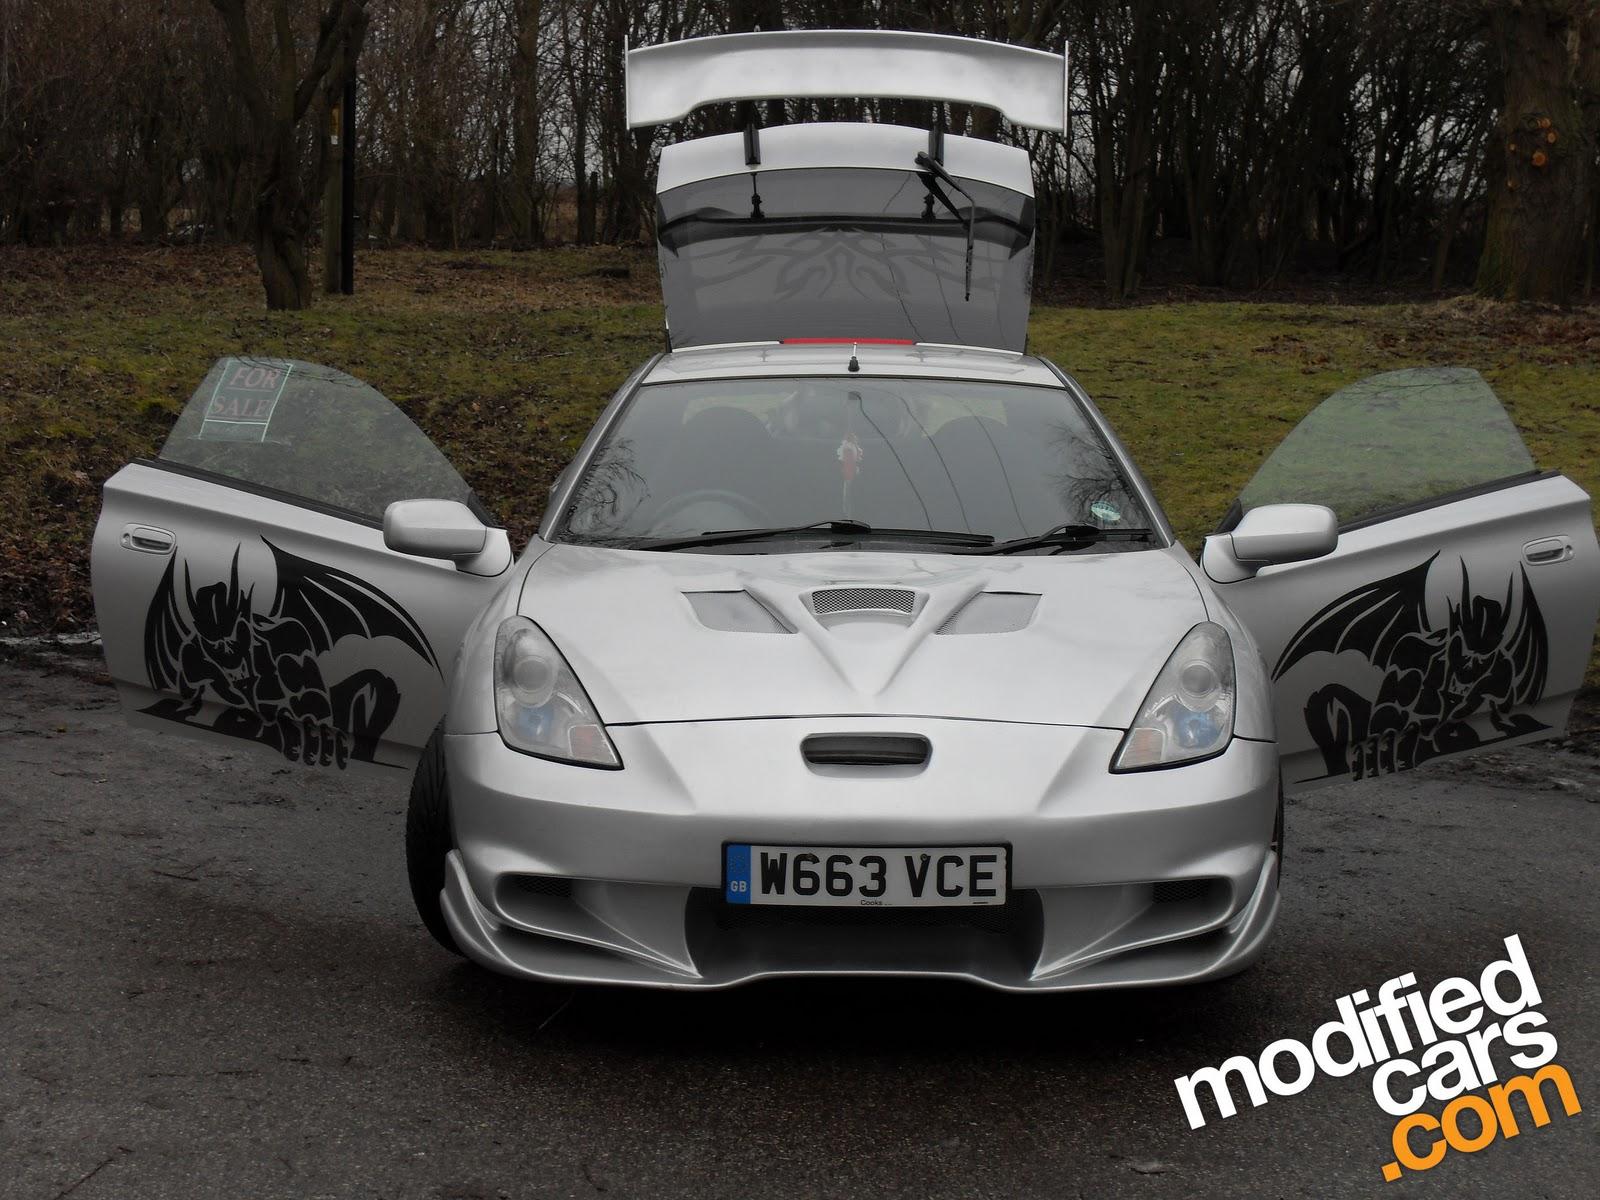 Gambar-gambar modifikasi mobil tua